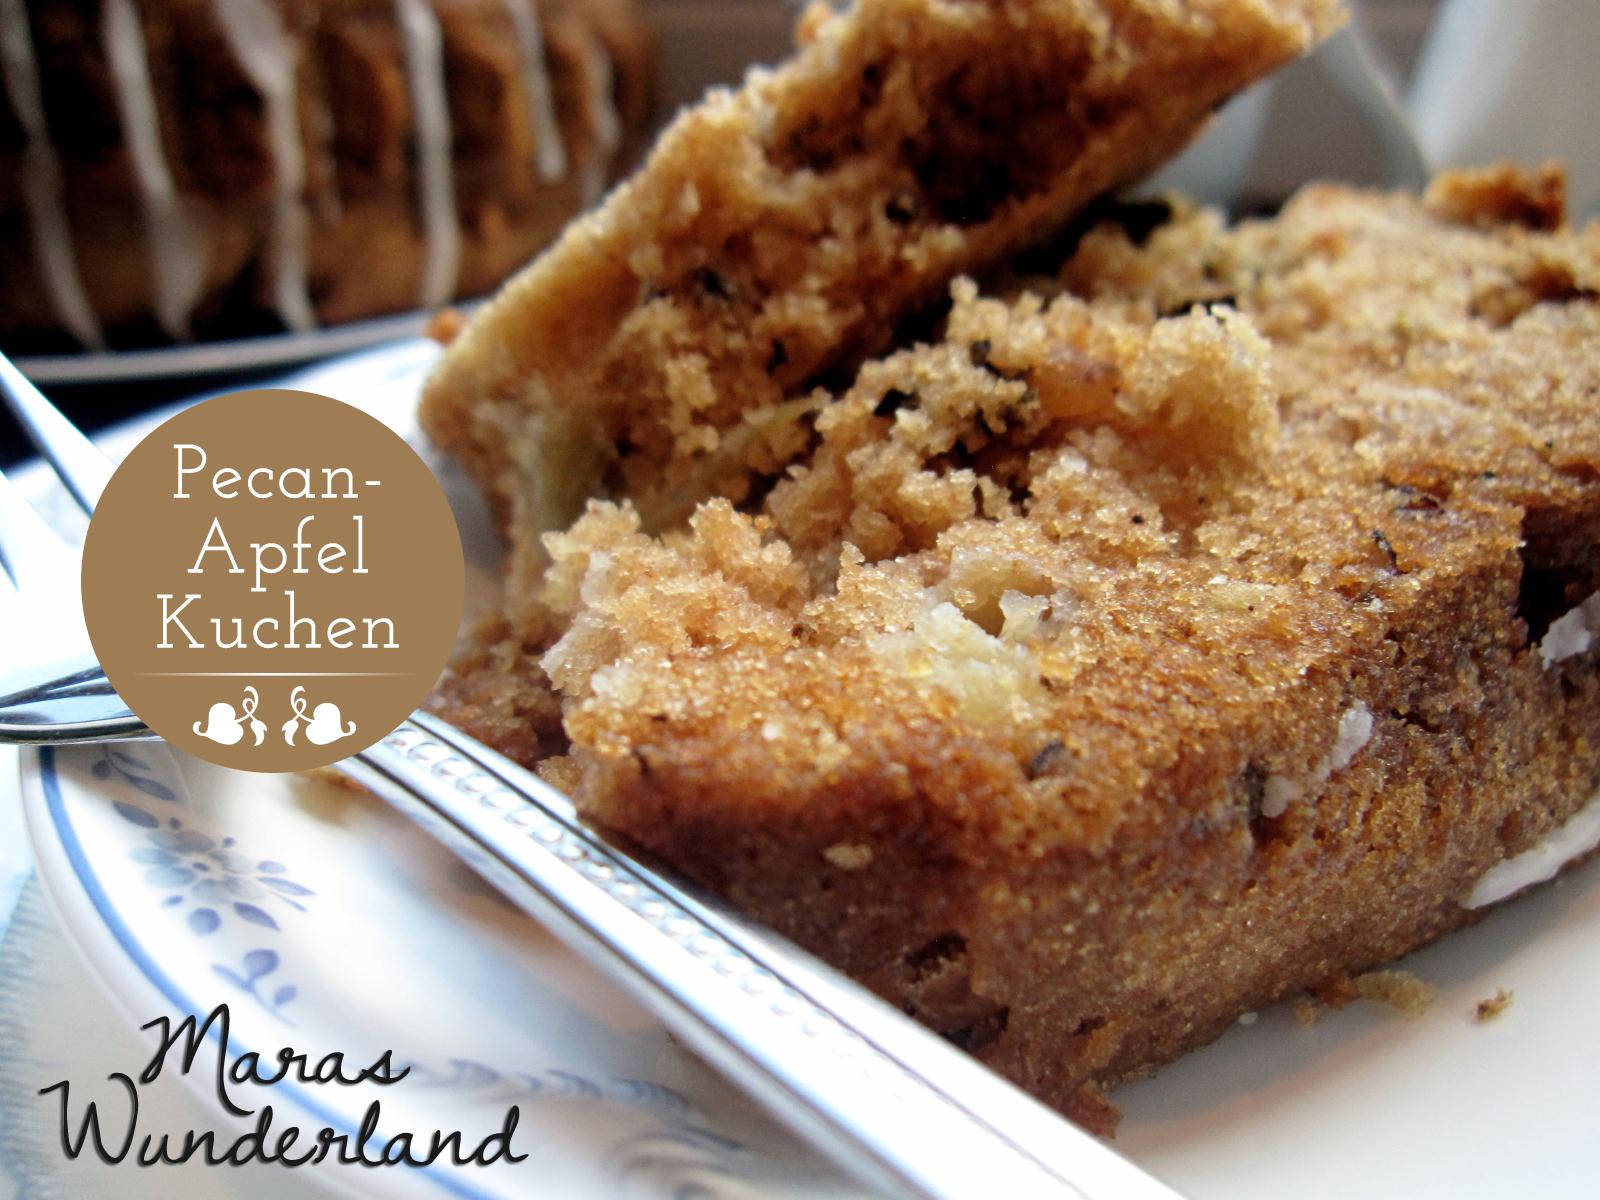 Pecan-Apfel-Kuchen 01